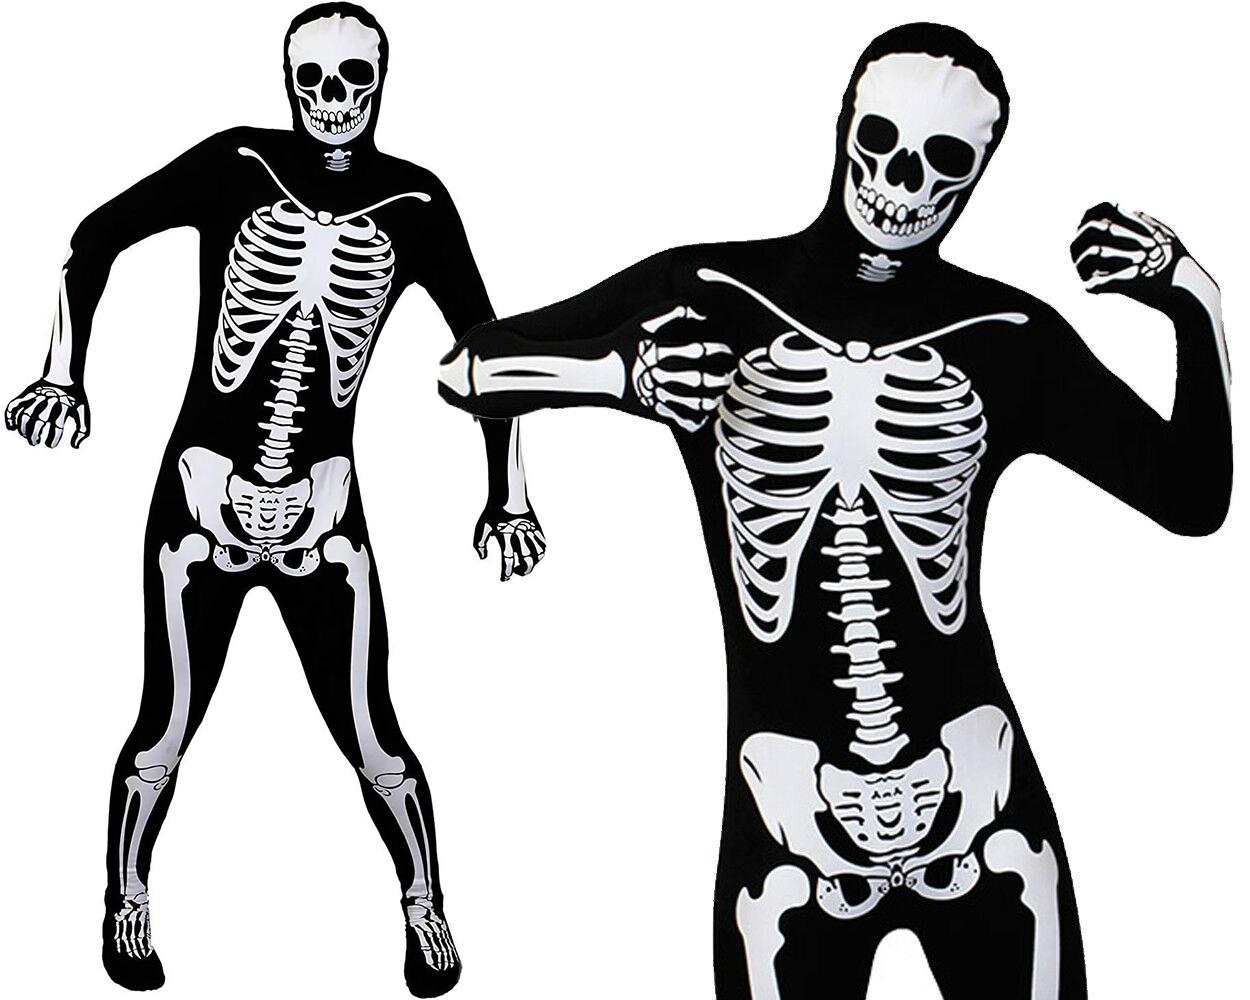 Cranio Di Scheletro Con Il Tatuaggio Largamente Aperto Della Bocca Ed I  Denti Nudi Spaventoso E Morto, Spaventoso E Spaventoso, T Illustrazione  Vettoriale - Illustrazione di terribile, umano: 74805540